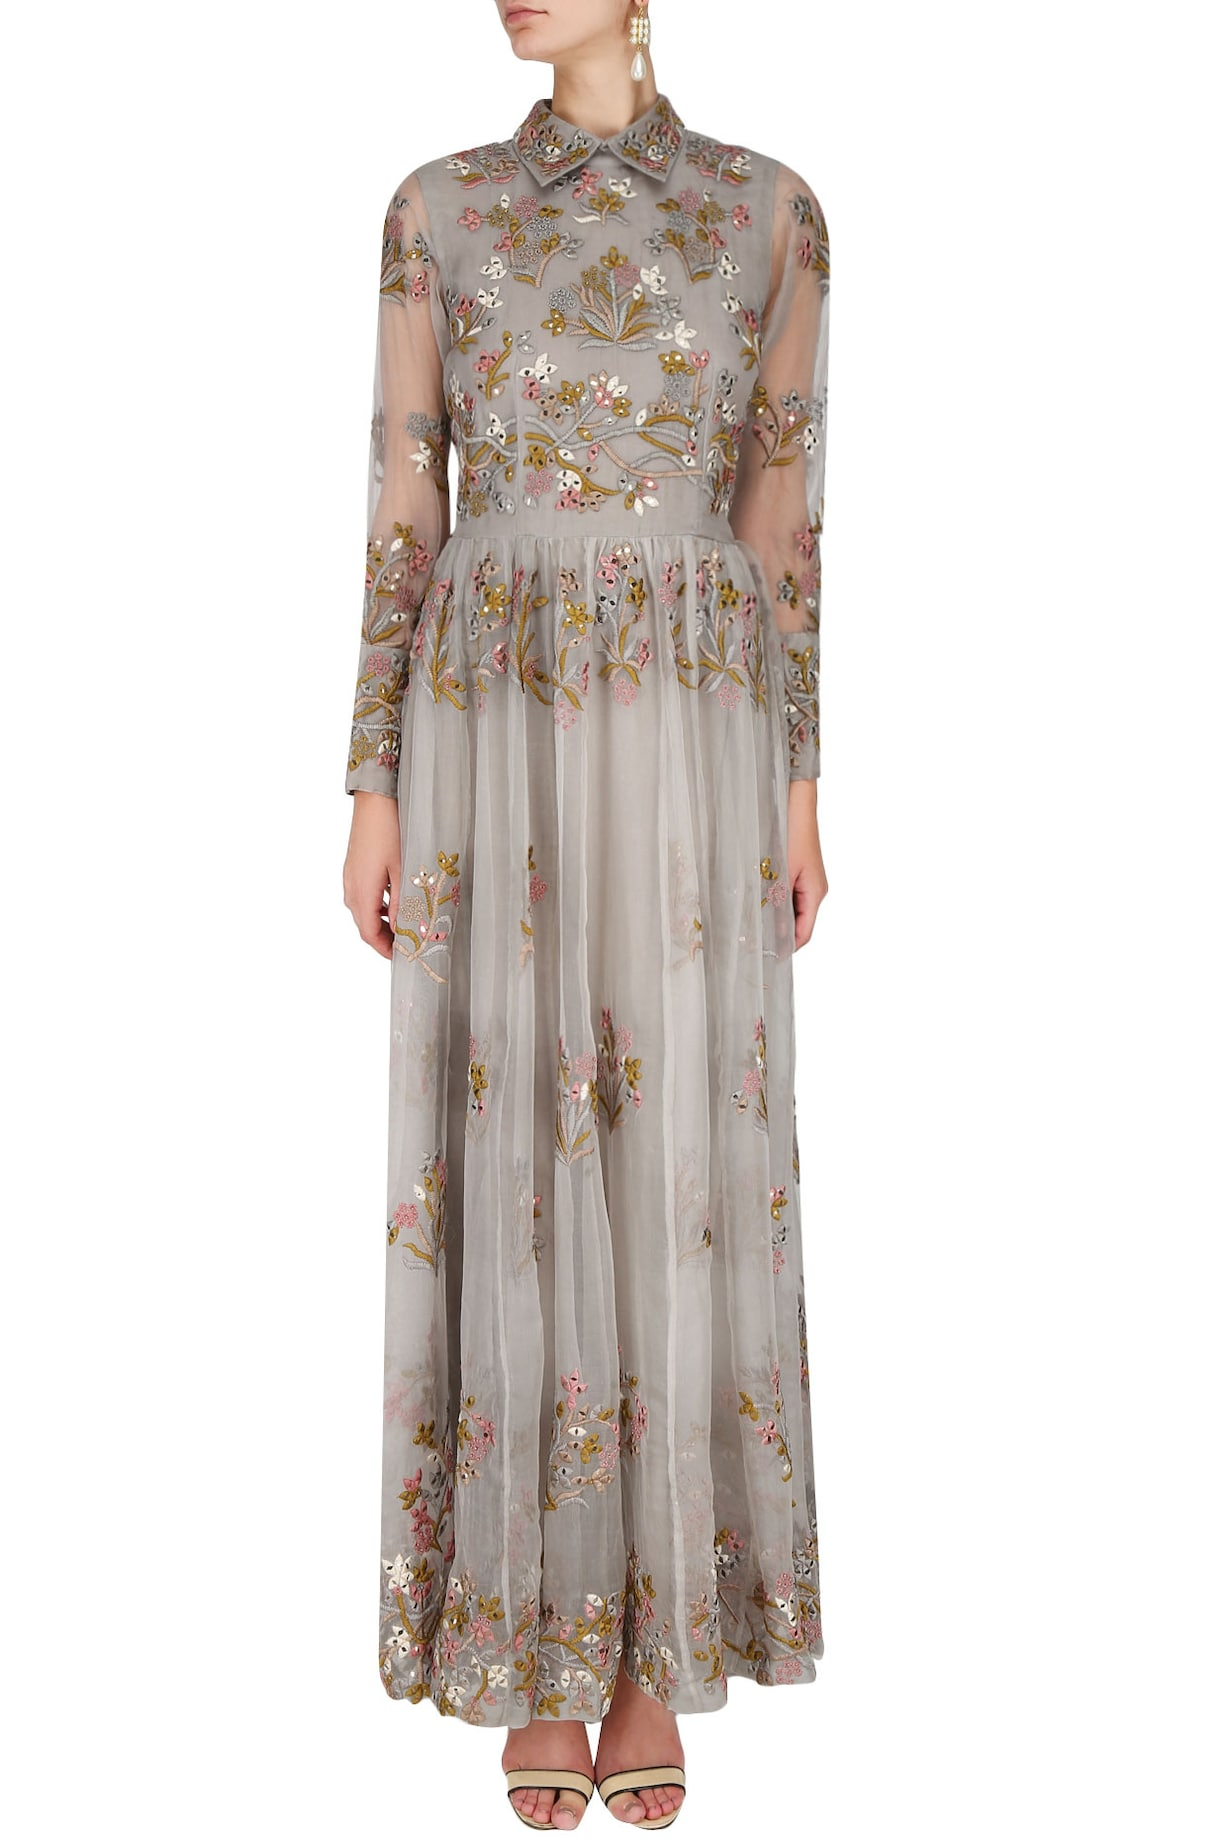 Shasha Gaba Dresses